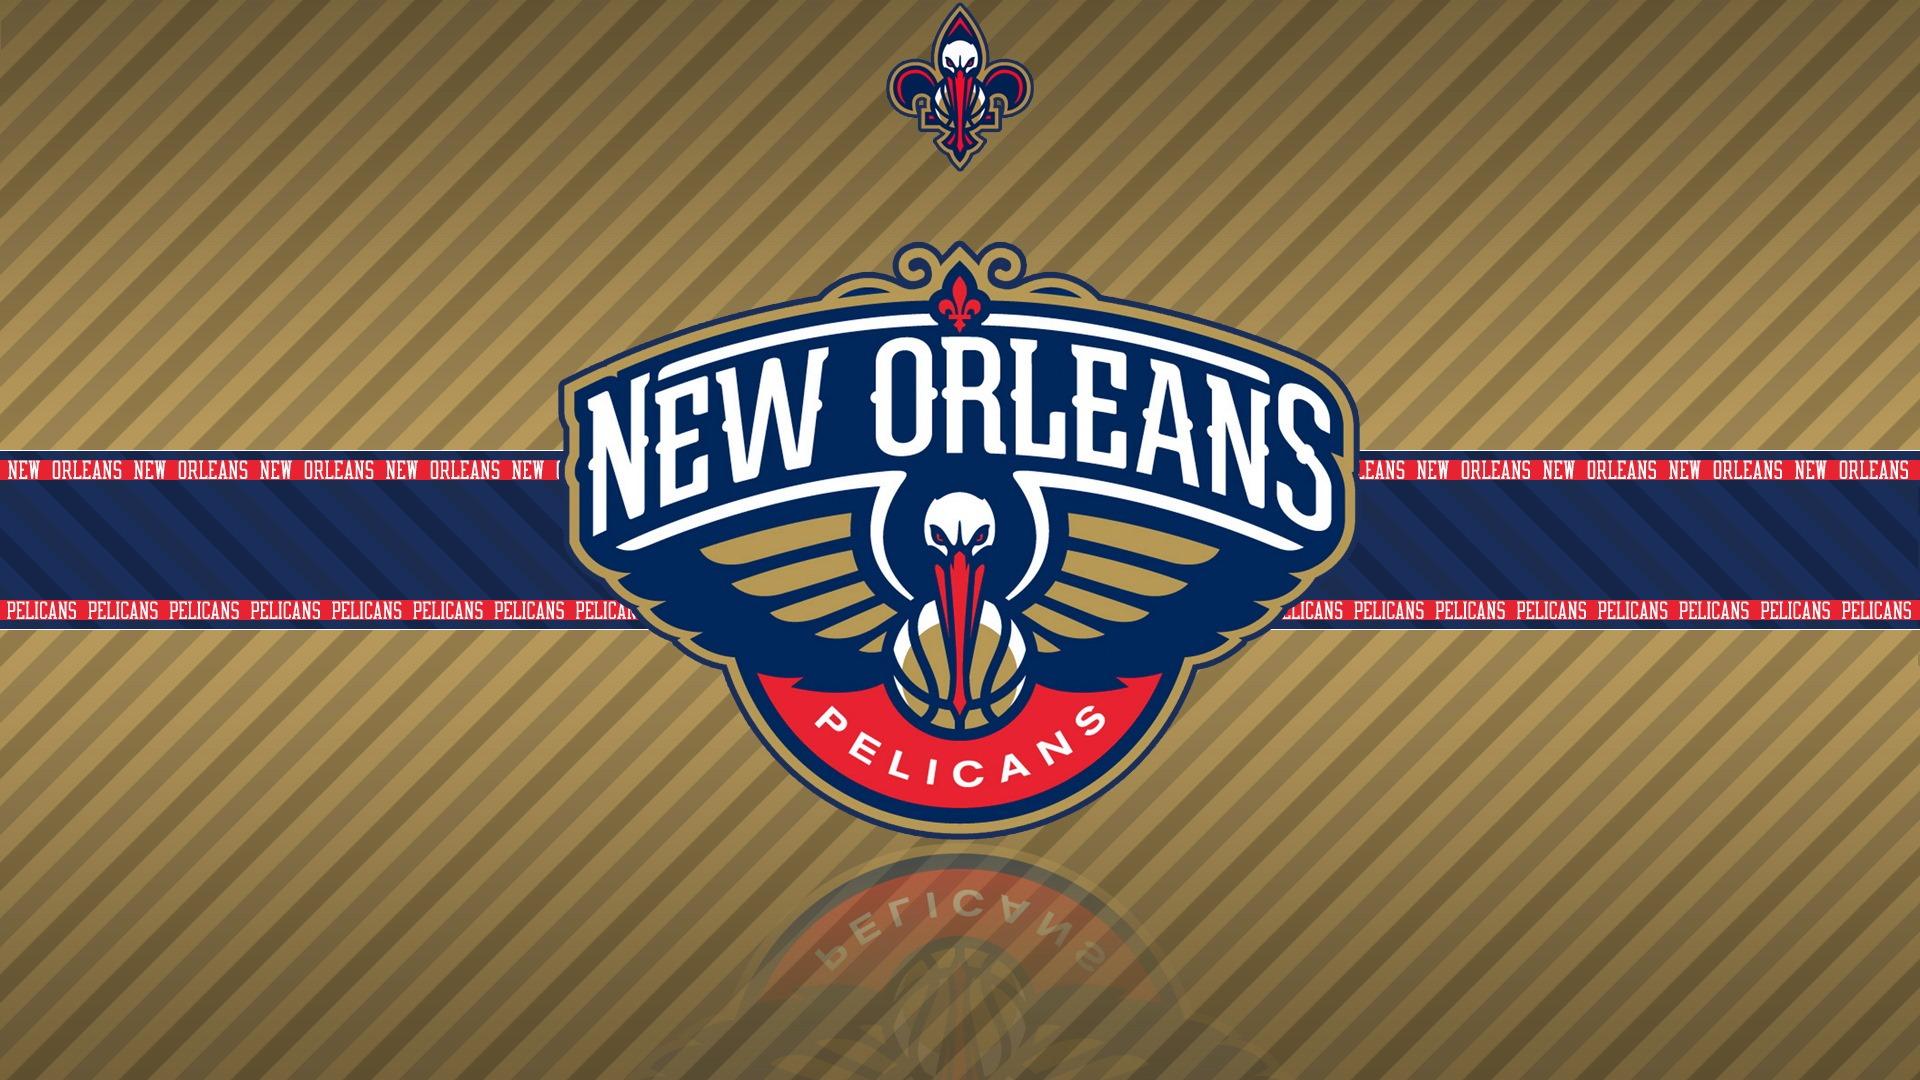 New Orleans Pelicans Wallpaper WallpaperSafari